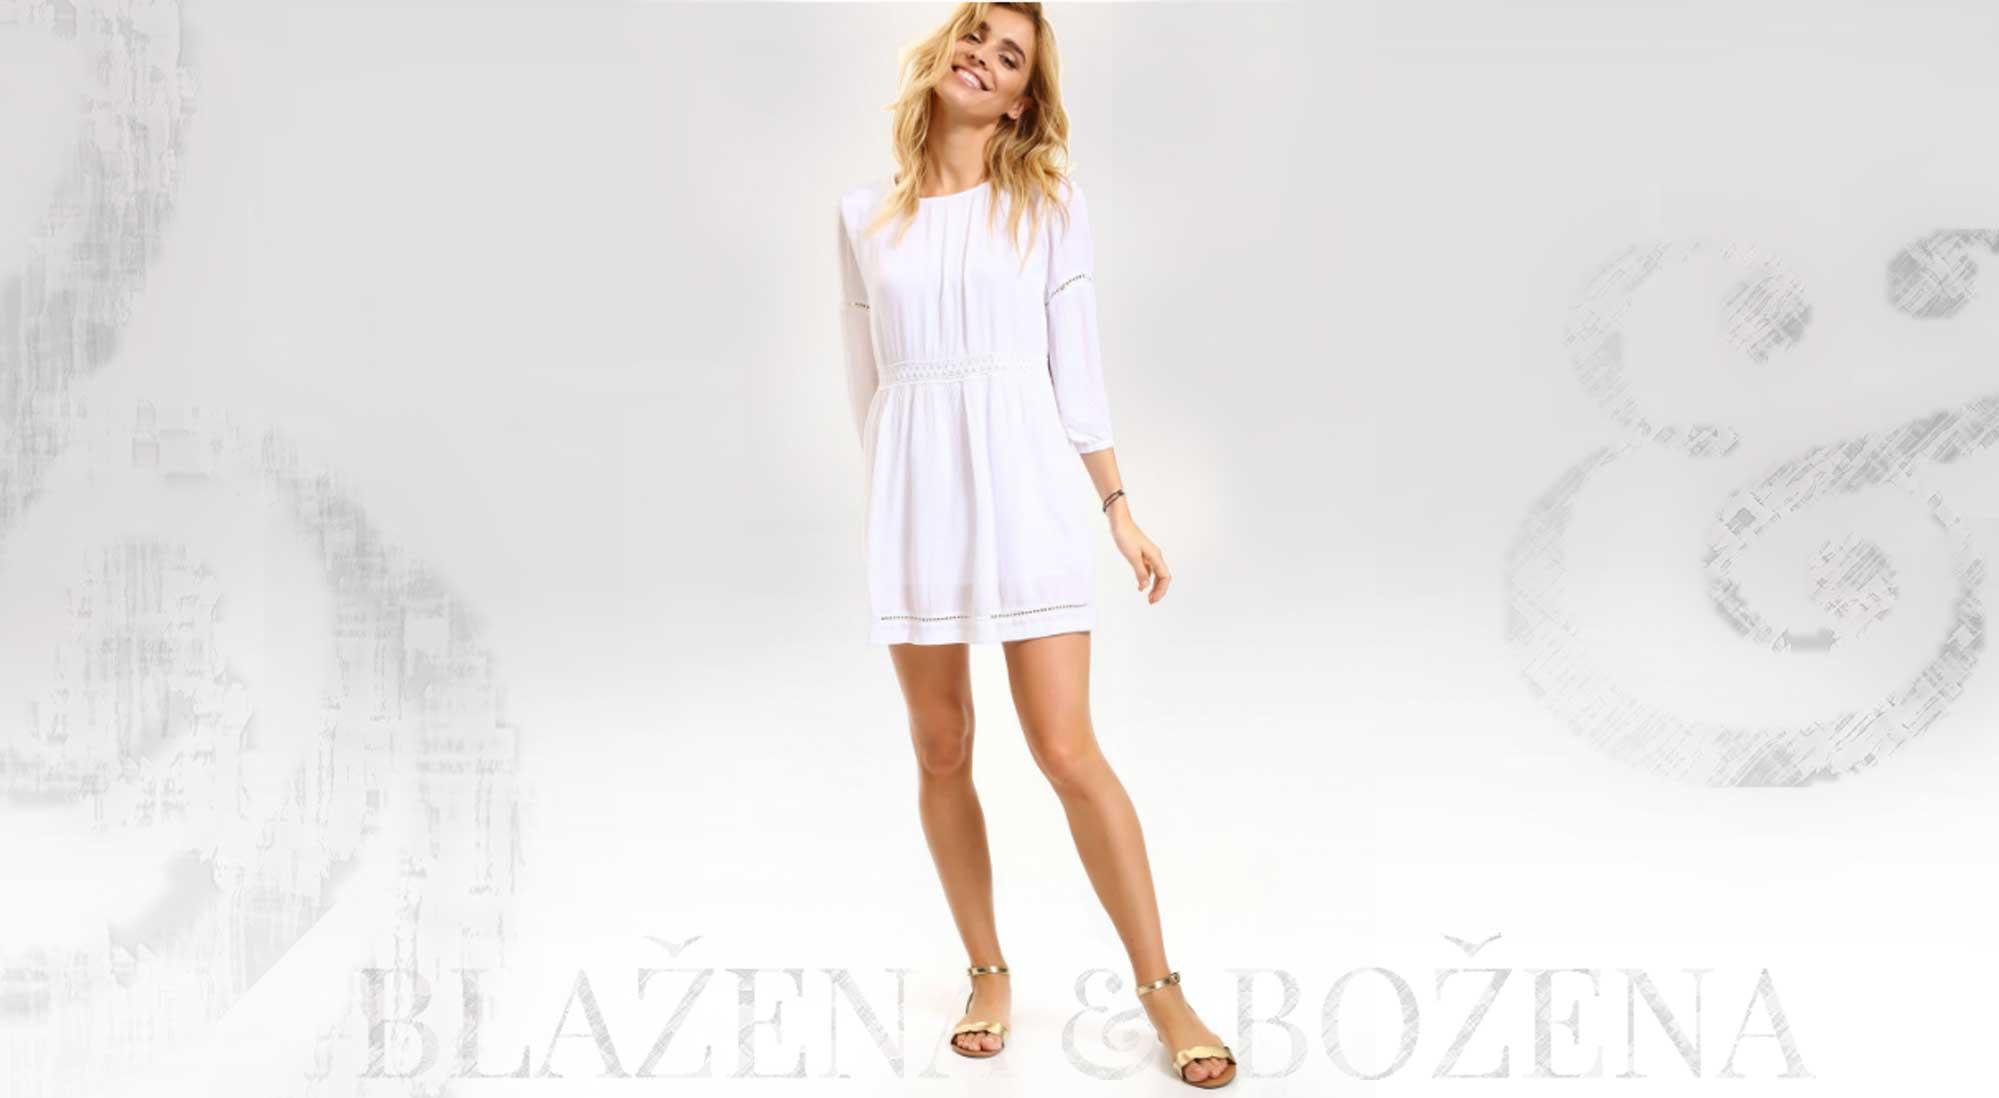 5f4bdb00312 Blažena Božena. královny klobouků. Bílé šaty s krajkovými průstřihy